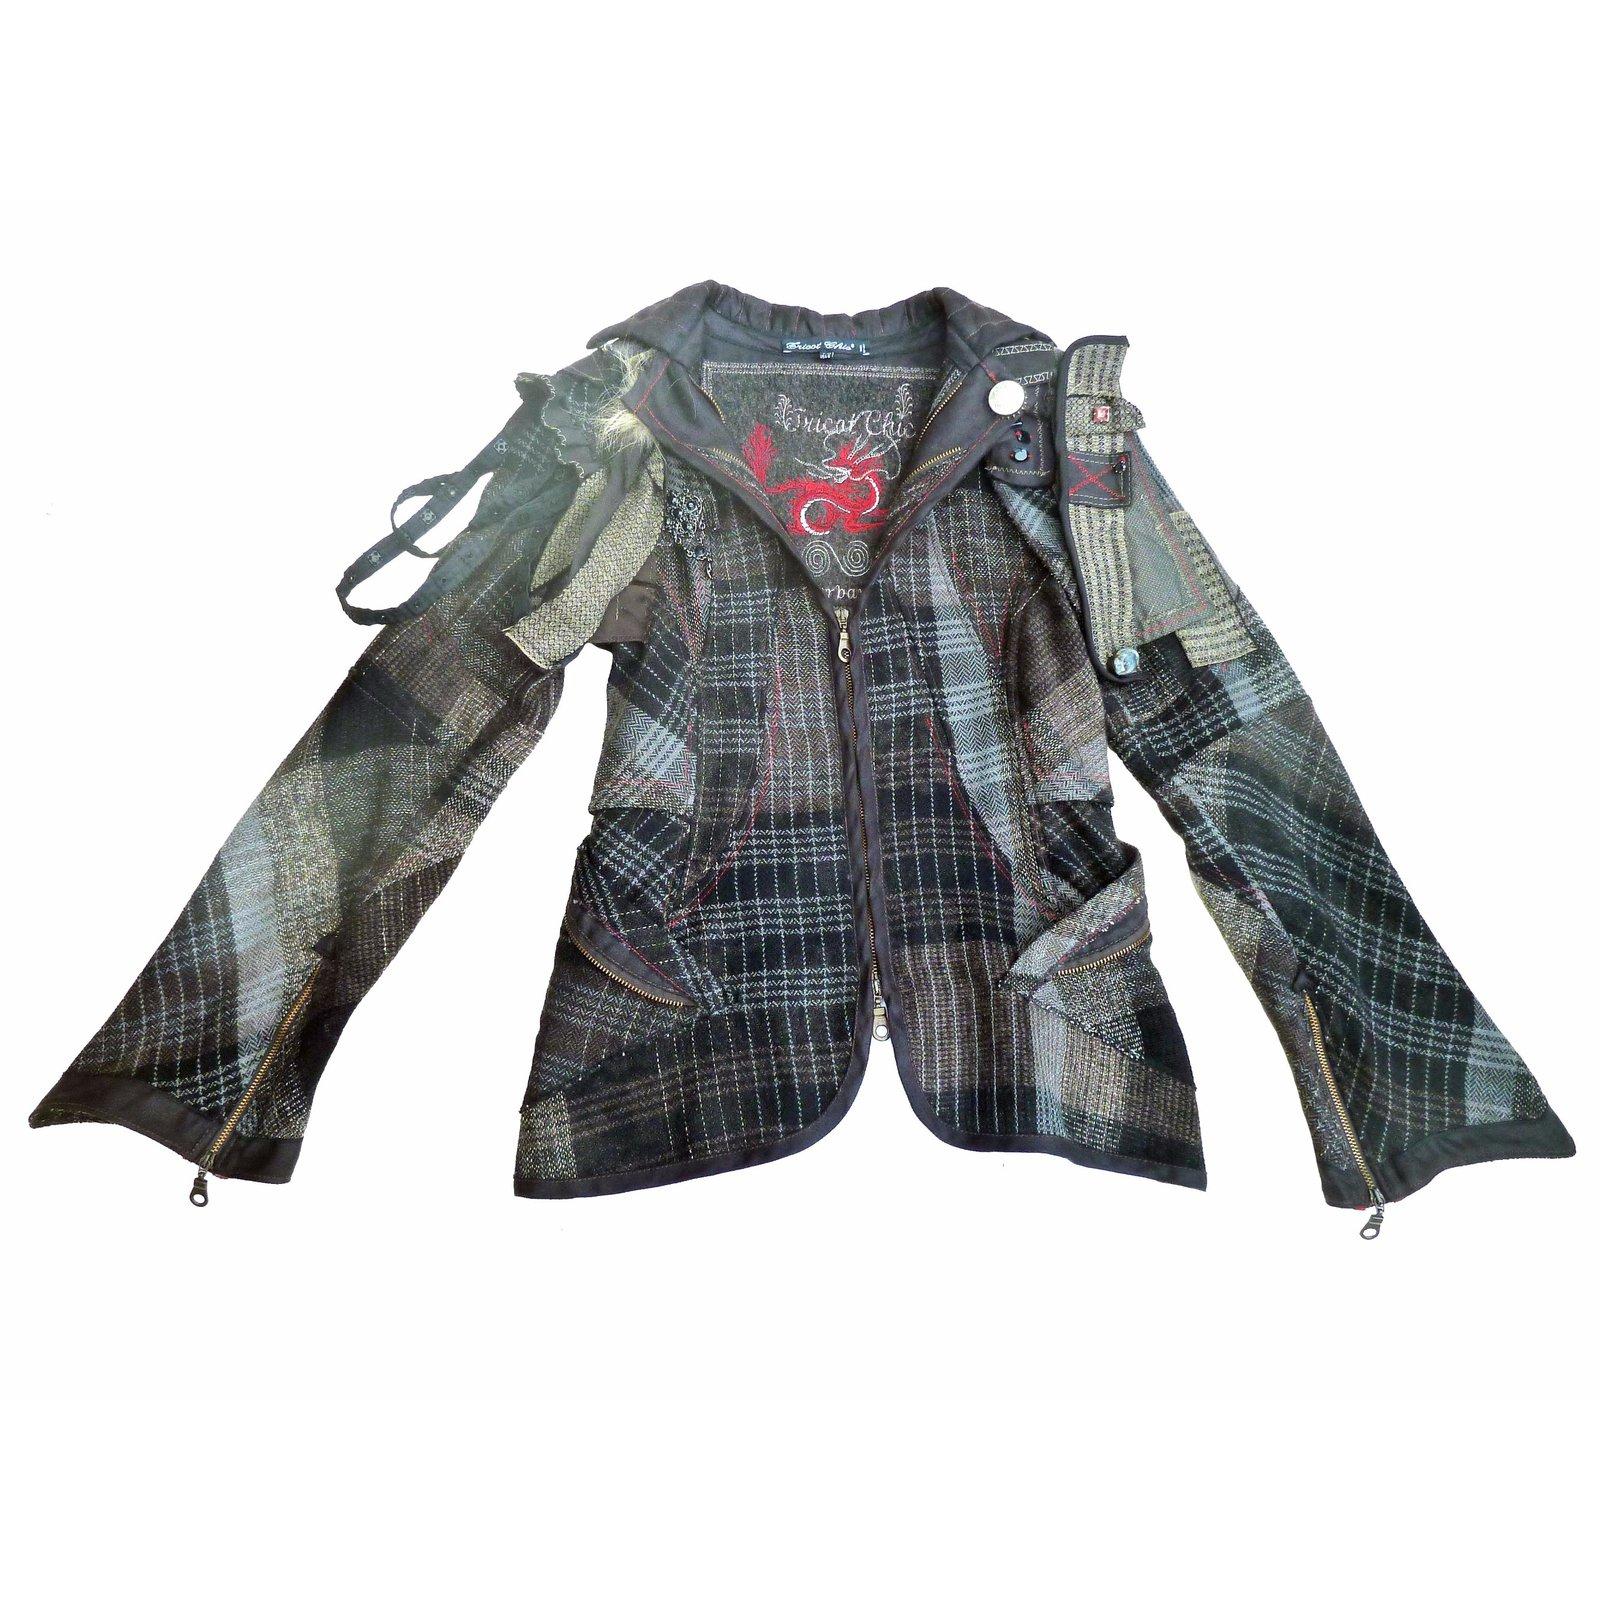 vestes autre marque veste baroque de la marque italienne tricot chic laine gris joli. Black Bedroom Furniture Sets. Home Design Ideas